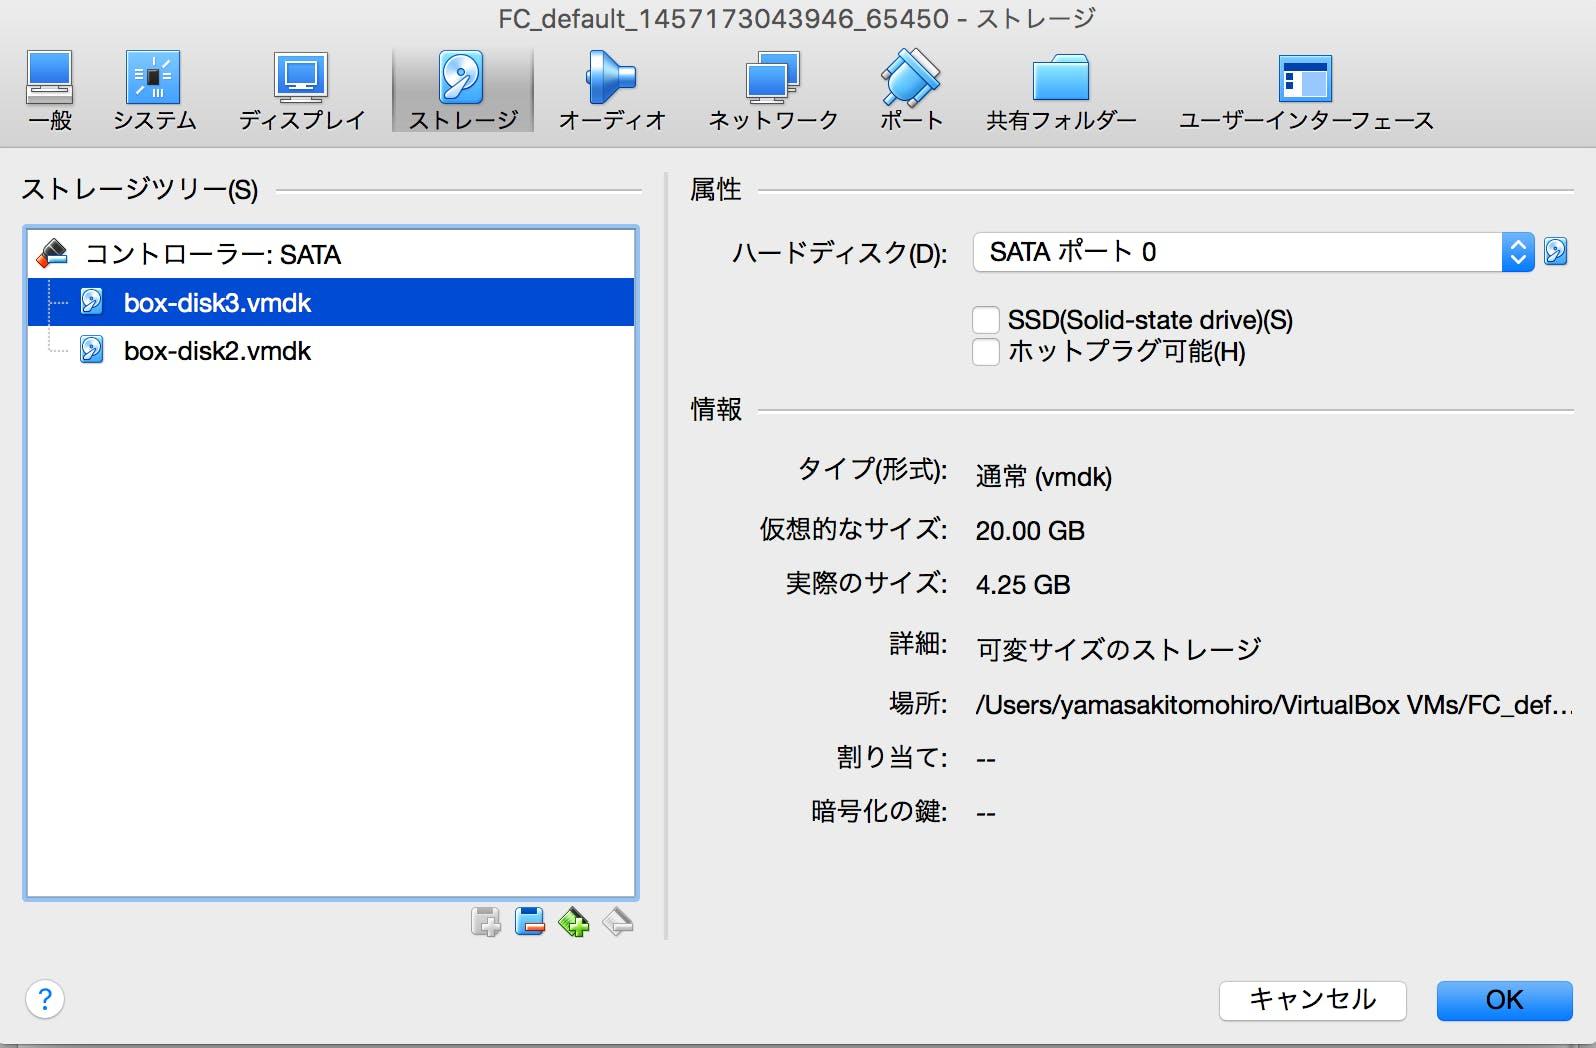 FC_default_1457173043946_65450_-_ストレージ_と_Oracle_VM_VirtualBox_マネージャー_と_ホーム_-_Qiita.png